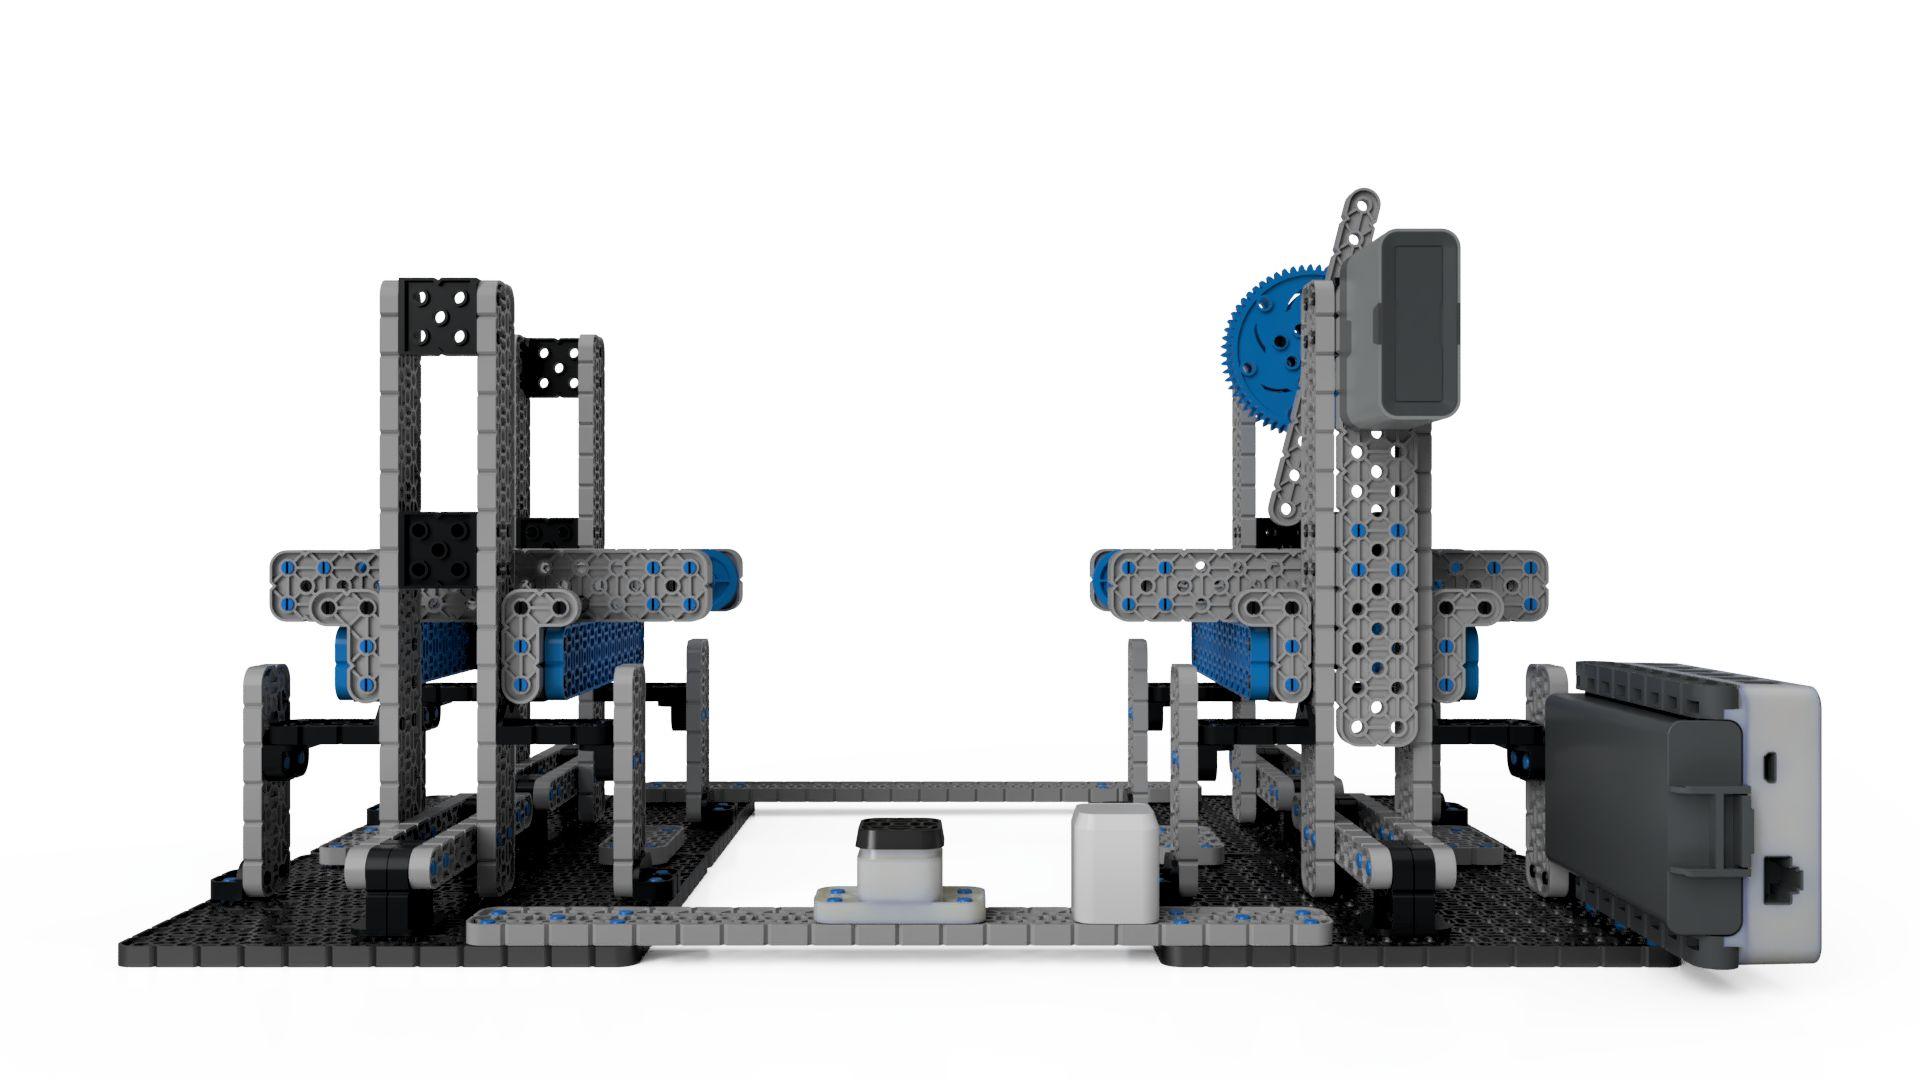 Robot-bobina-fila-2018-jul-03-08-15-24pm-000-customizedview32166458258-3500-3500